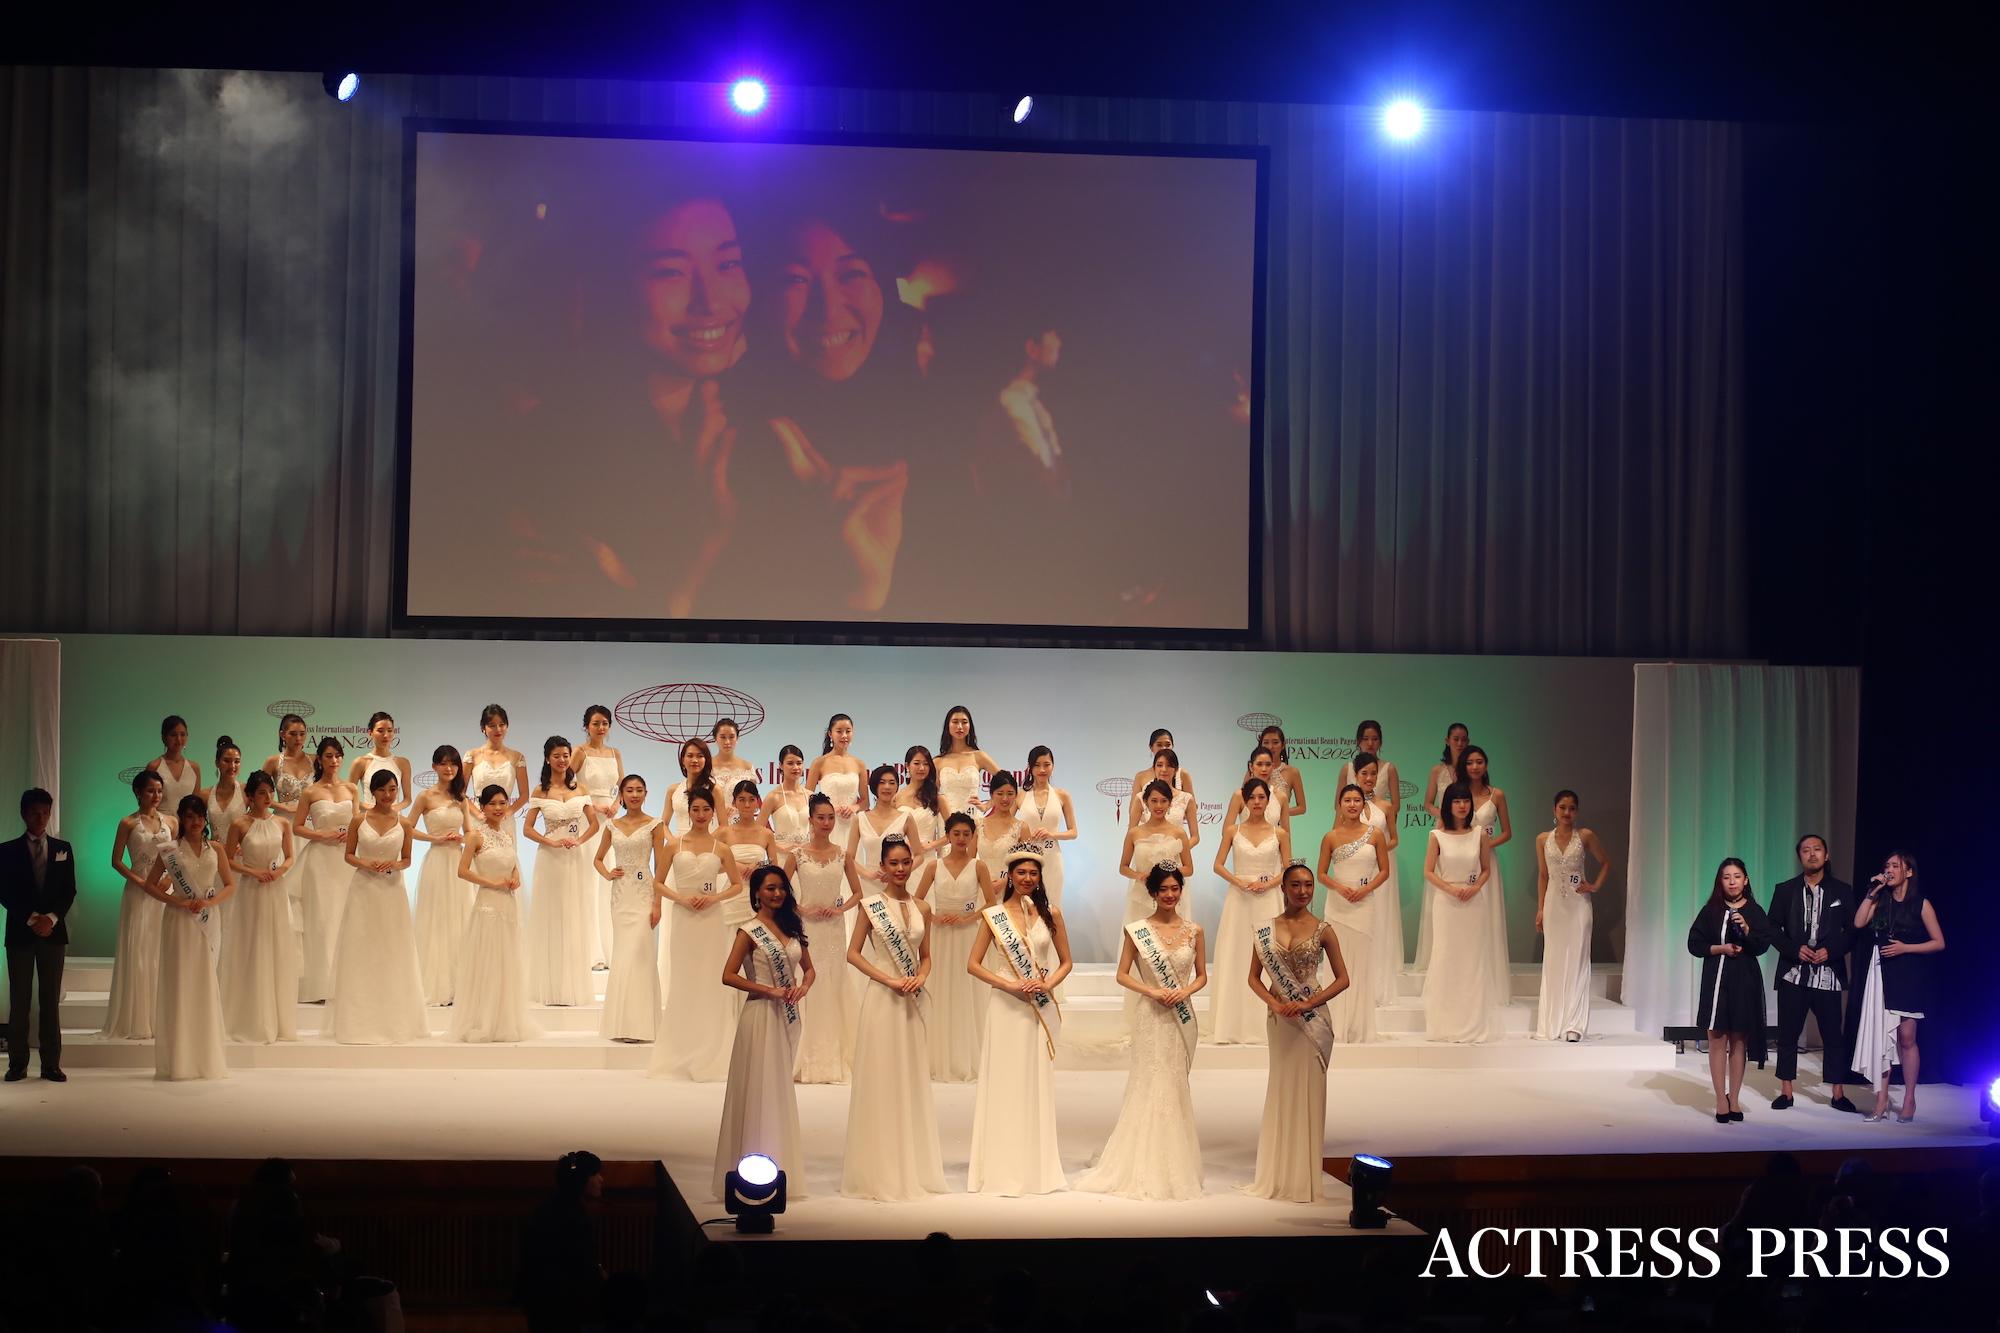 2020ミス・インターナショナル日本代表選出大会(2019年11月26日(火)、東京・ティアラこうとうにて)